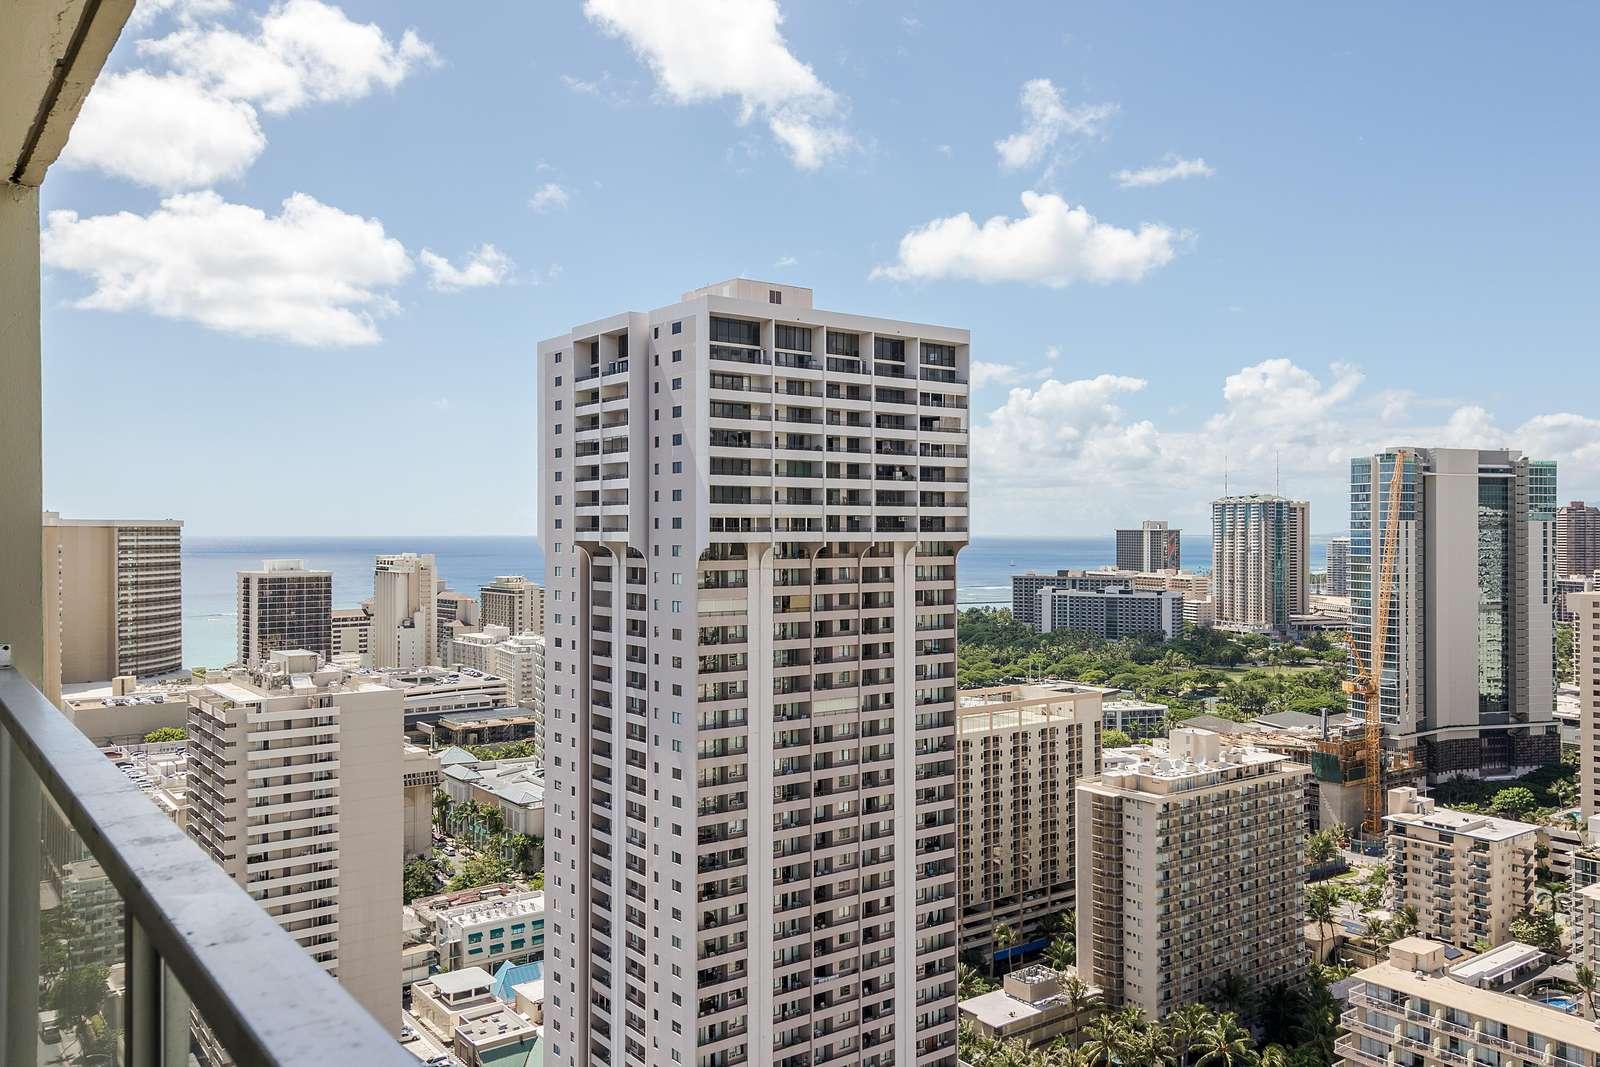 City of Waikiki From Lanai